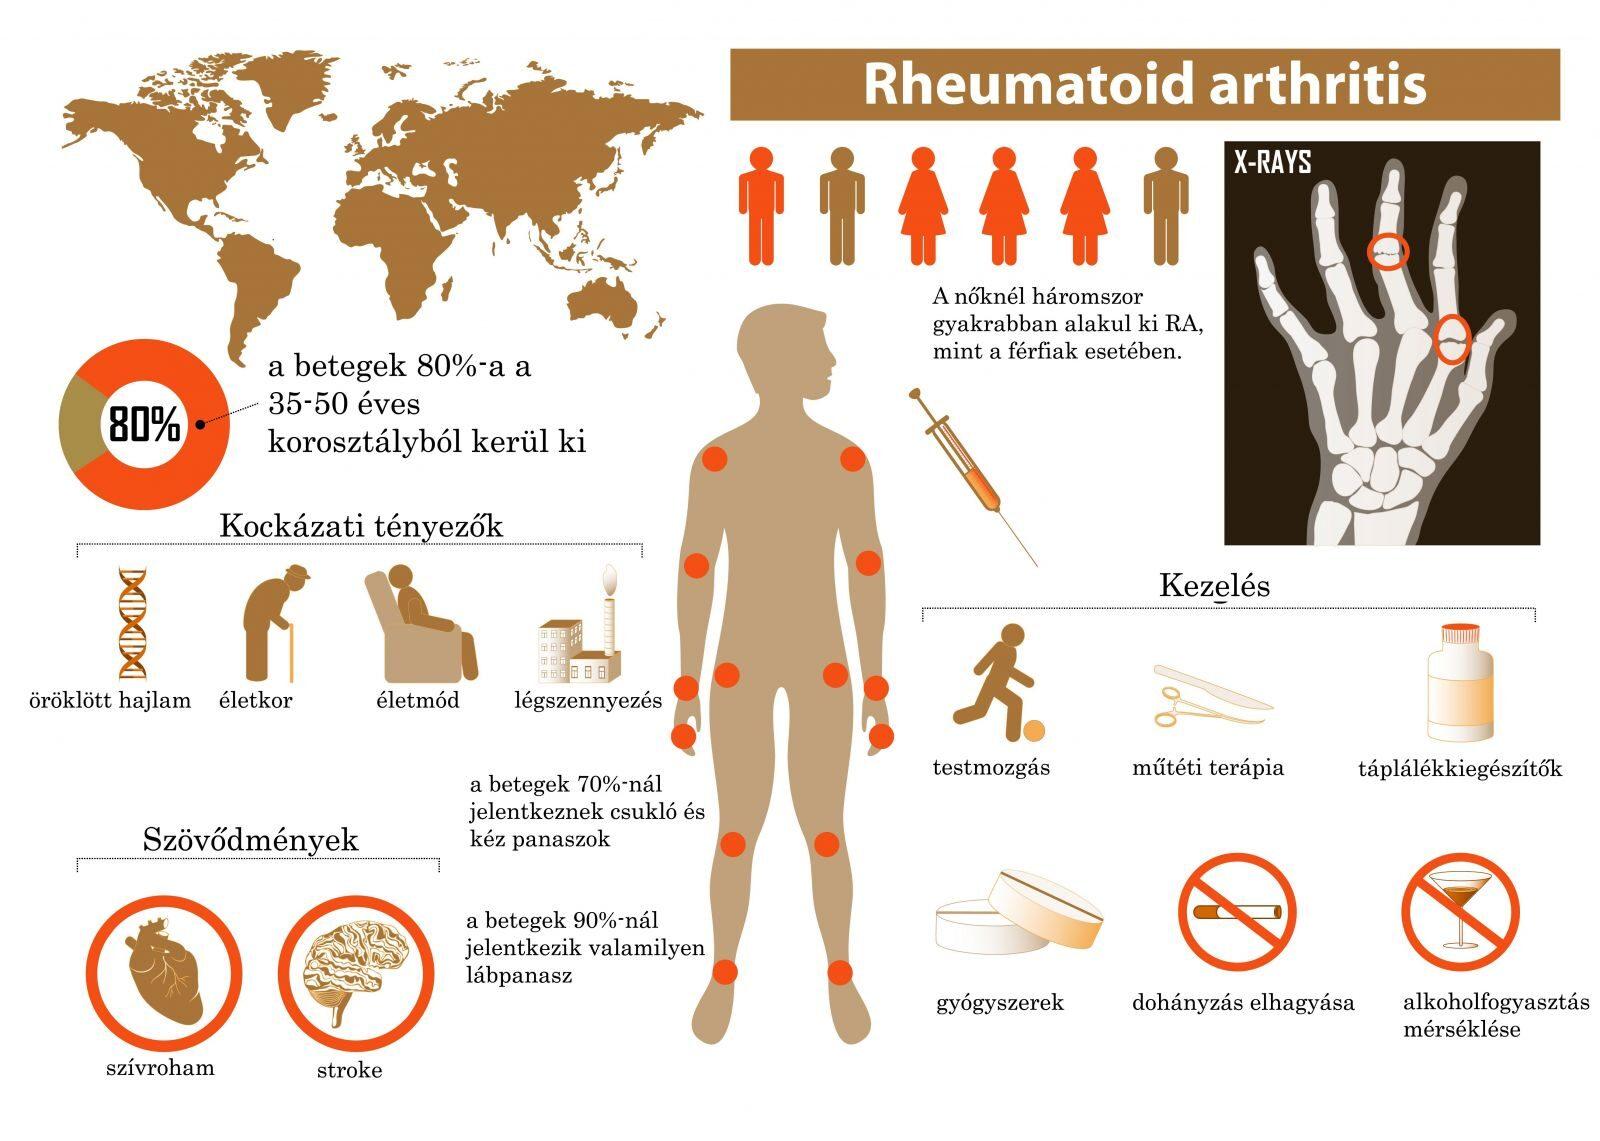 Nagy ízületek deformáló artrózisának műtéti kezelése Oszteoartrózis - EgészségKalauz